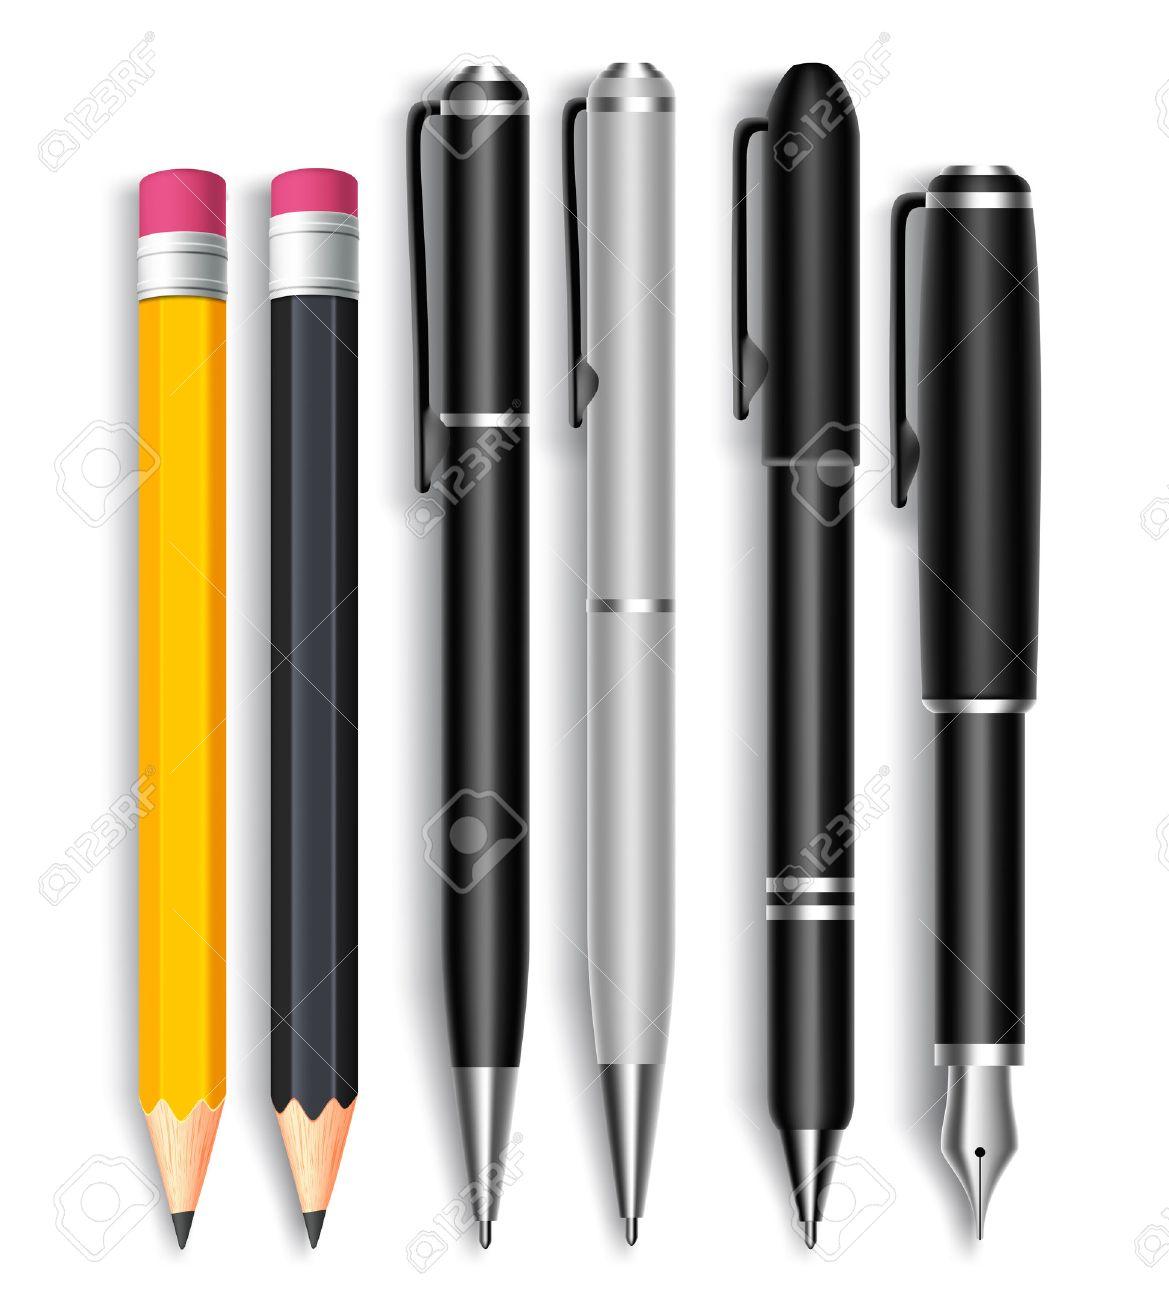 thuiswerk pennen